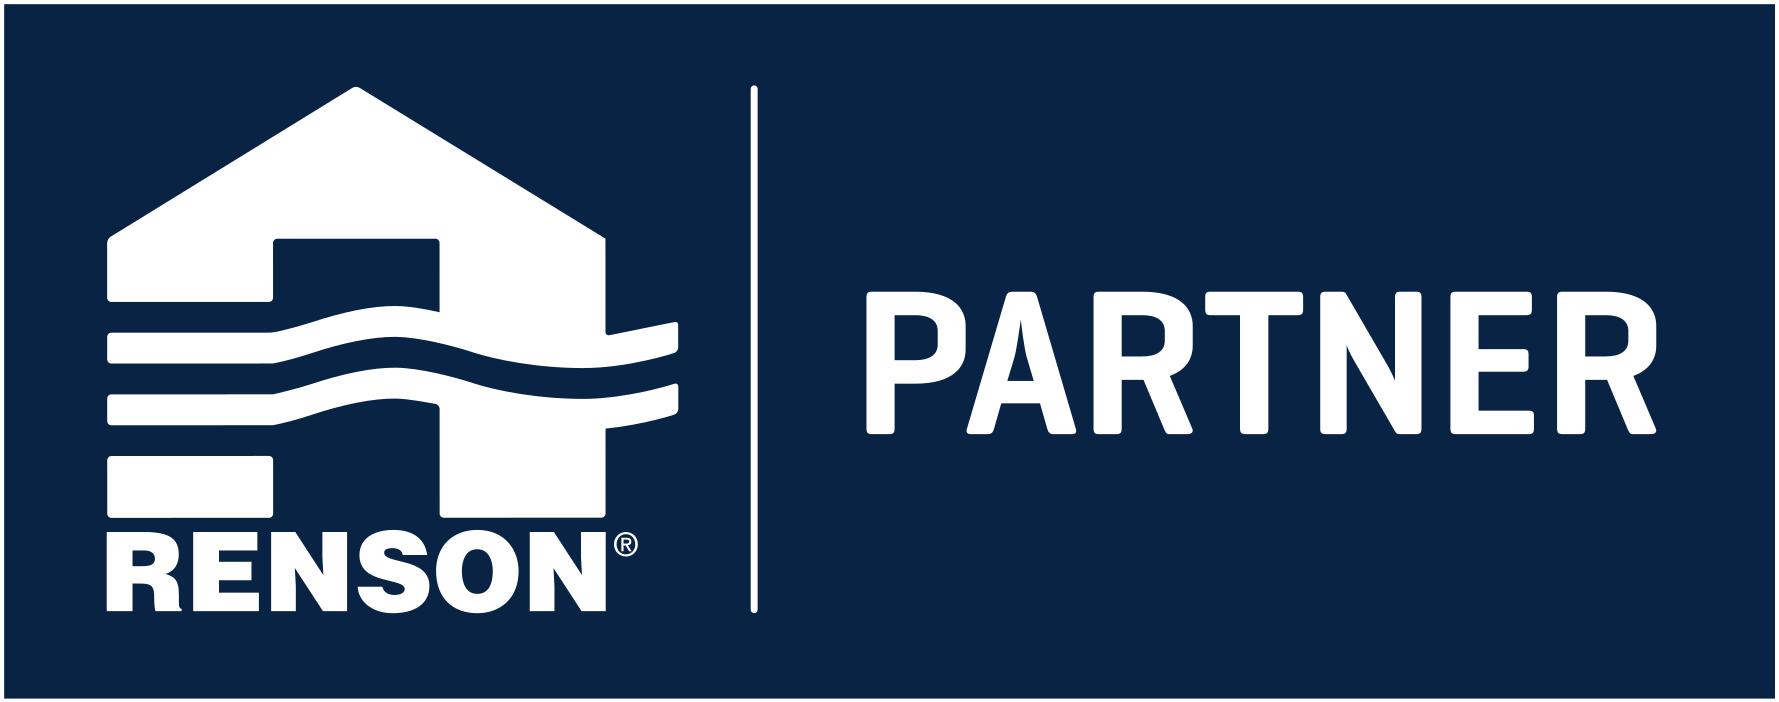 RENSON partner logo